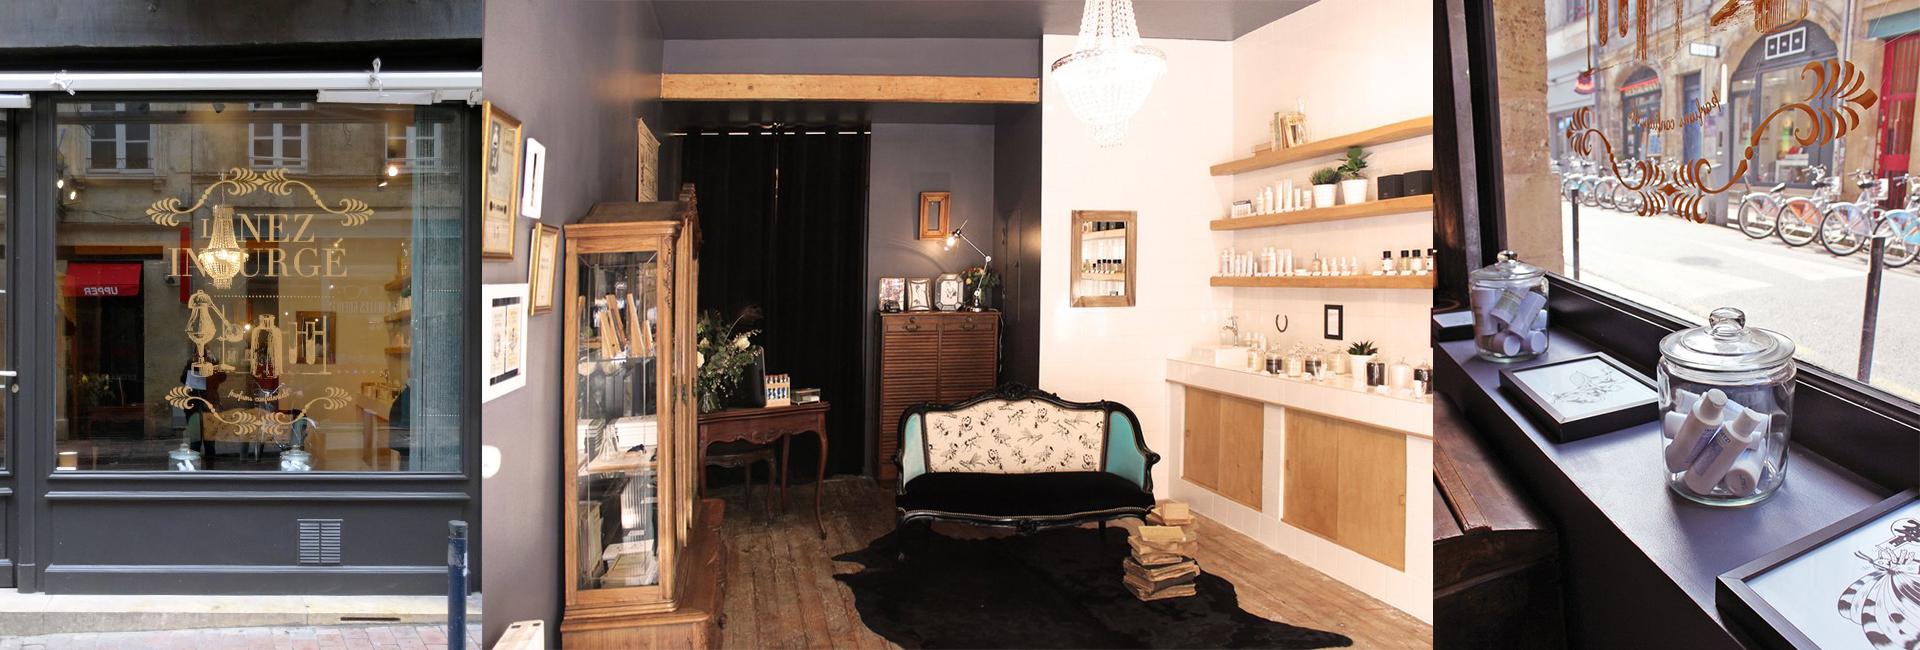 le-nez-insurge-bordeaux-boutique-blog-beaute-soin-parfum-homme